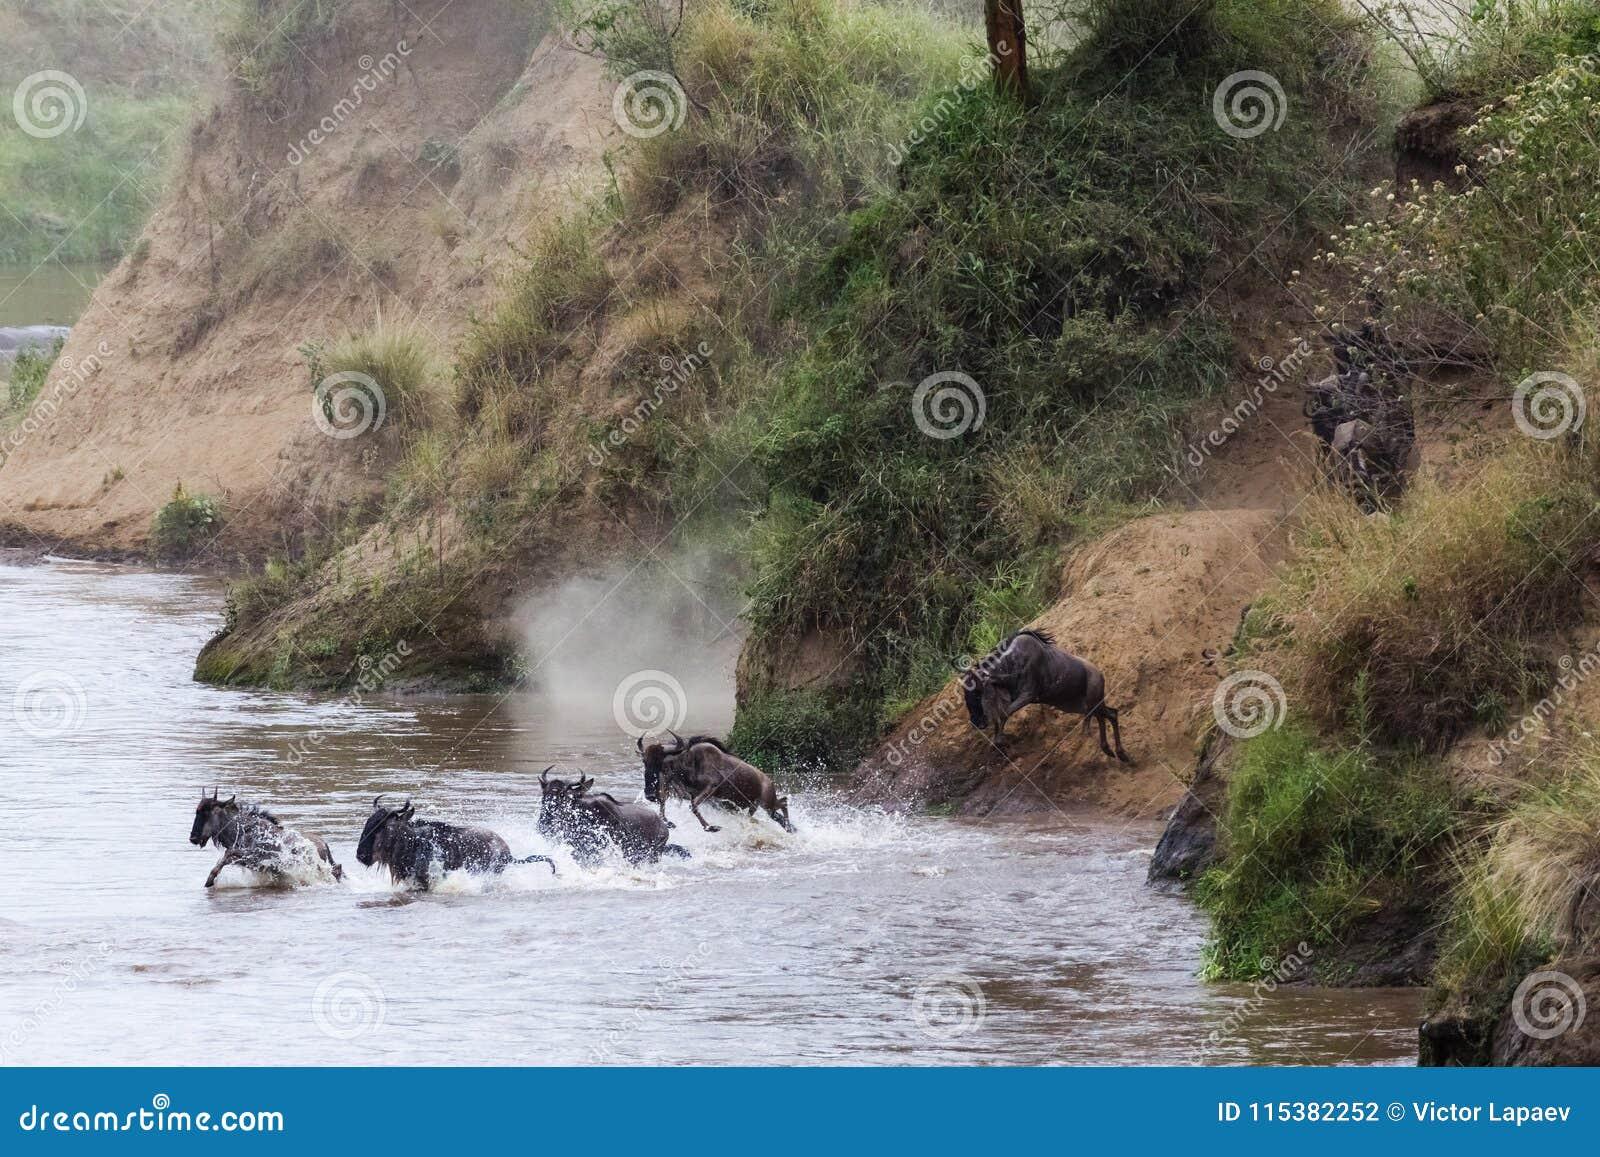 Salto de un banco escarpado al río Gran migración en la acción Kenia, África